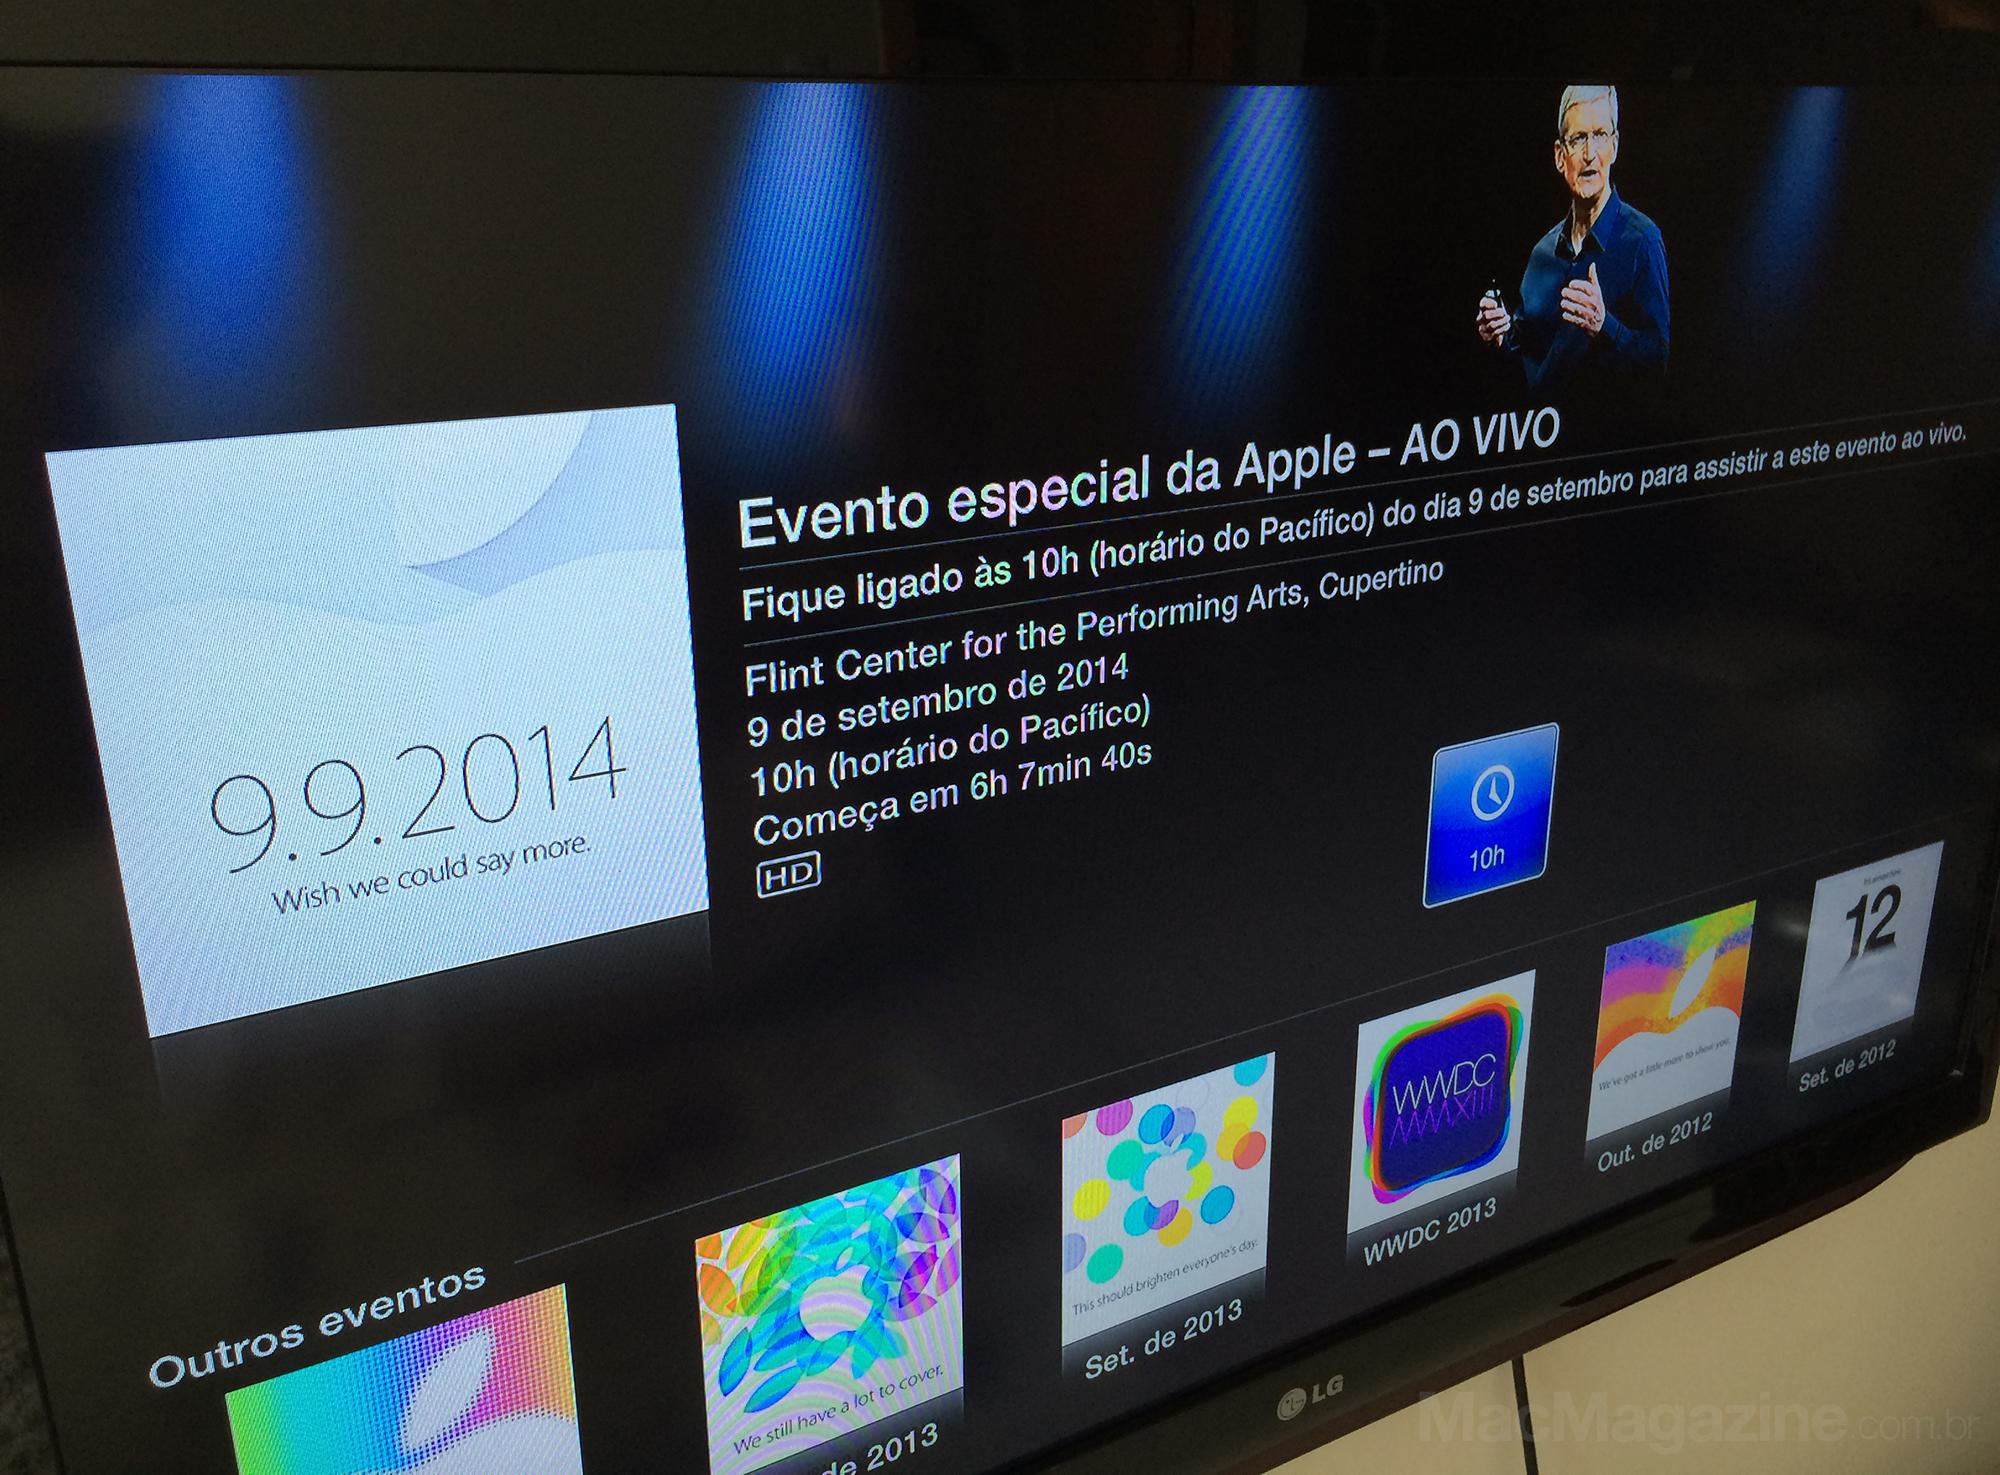 Evento na Apple TV